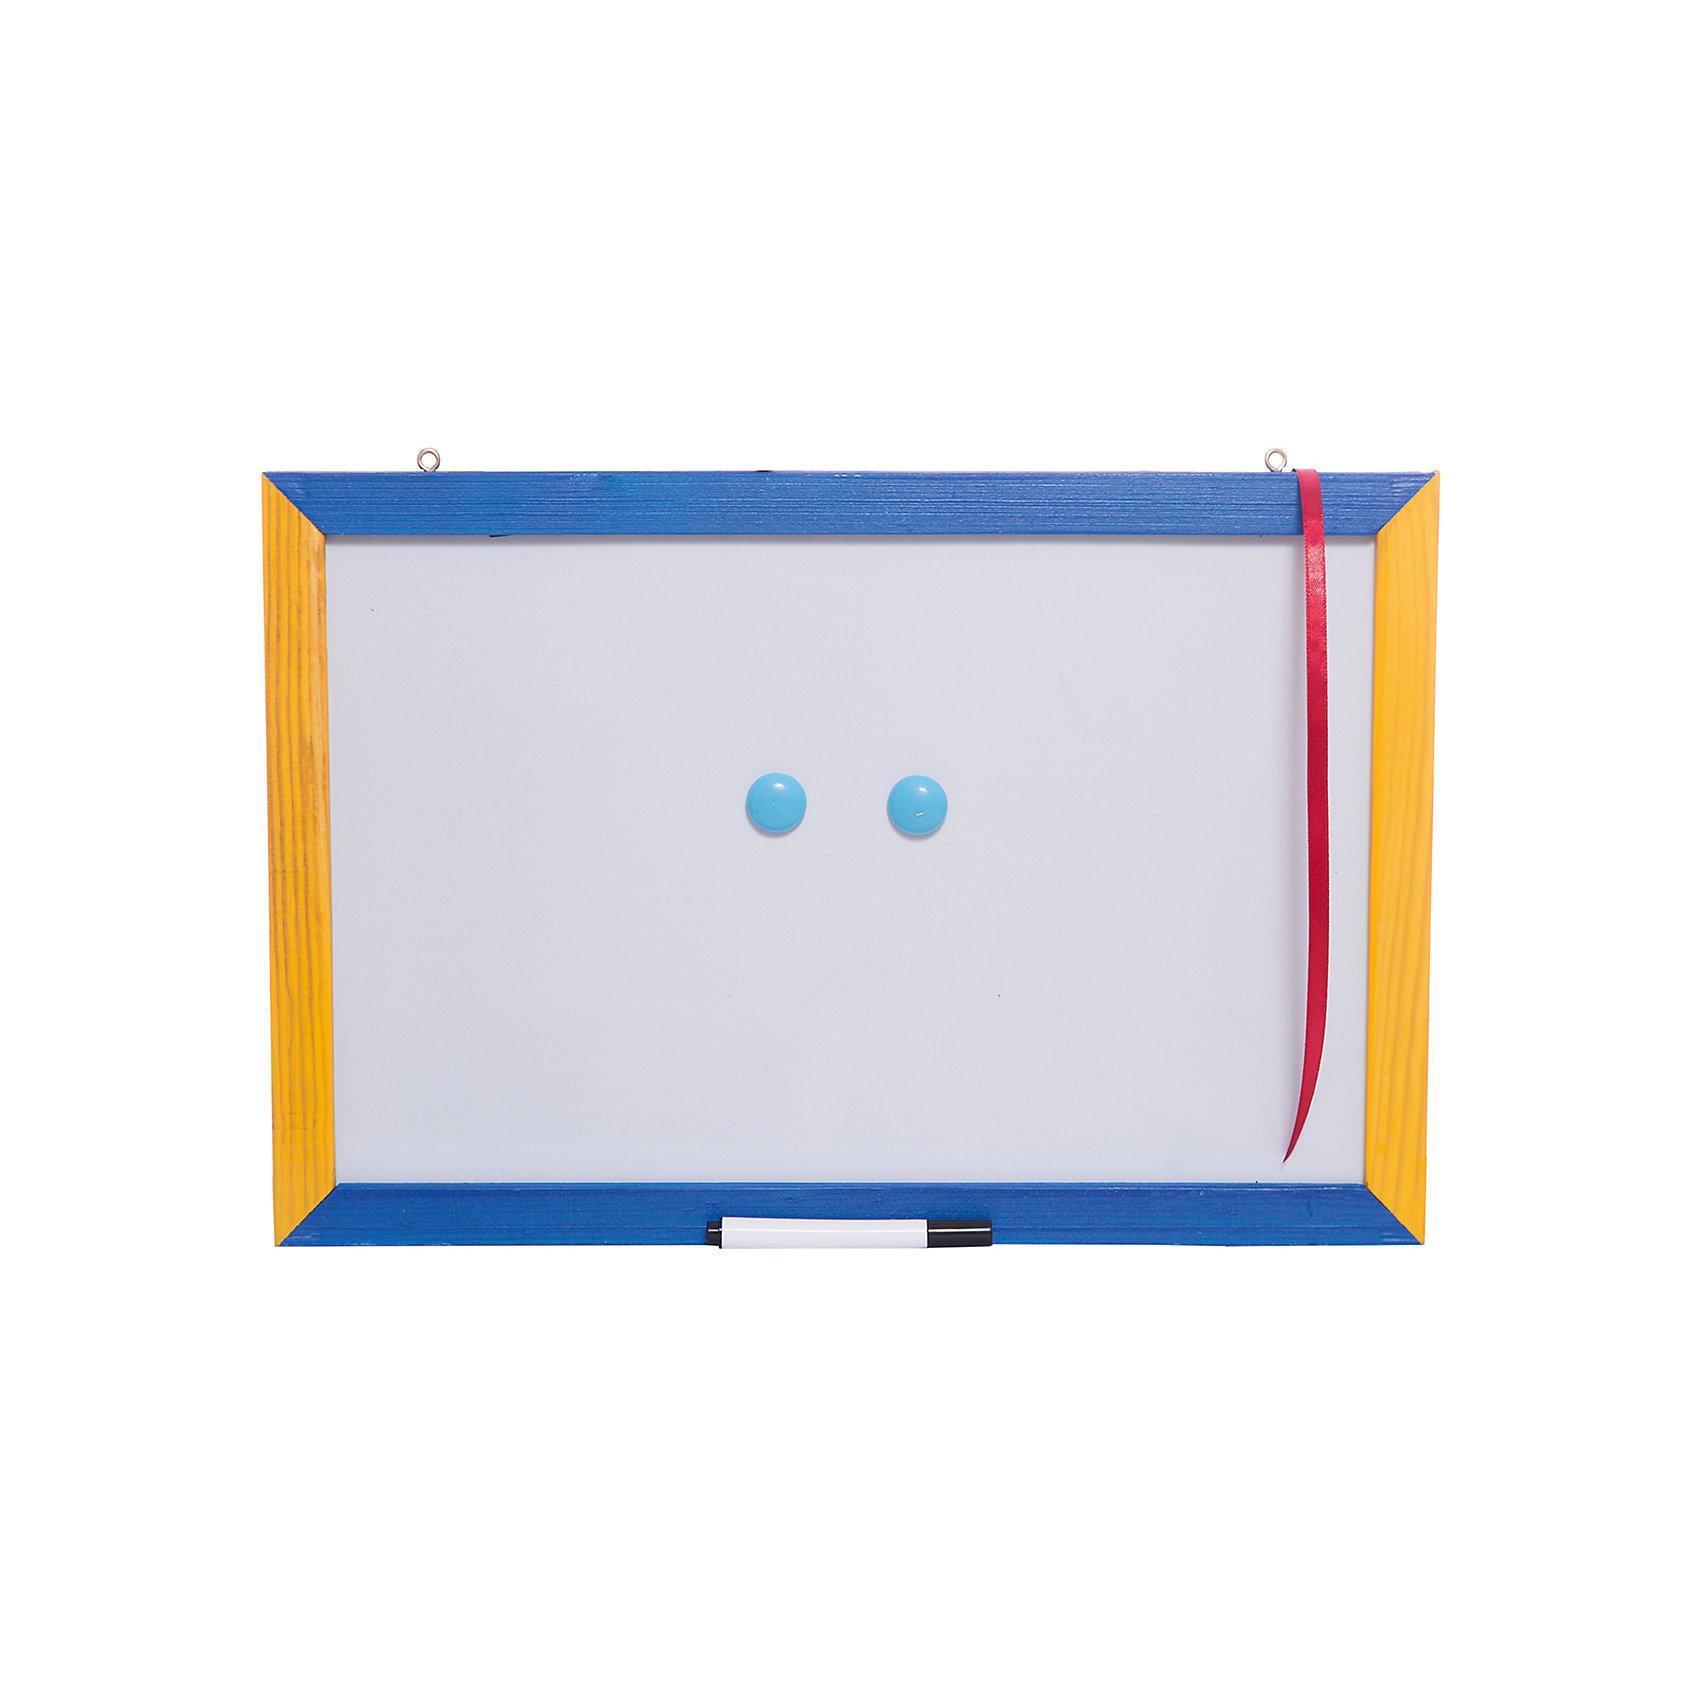 Двусторонняя доска (магнитно-маркерная, грифельная) 30*40 см